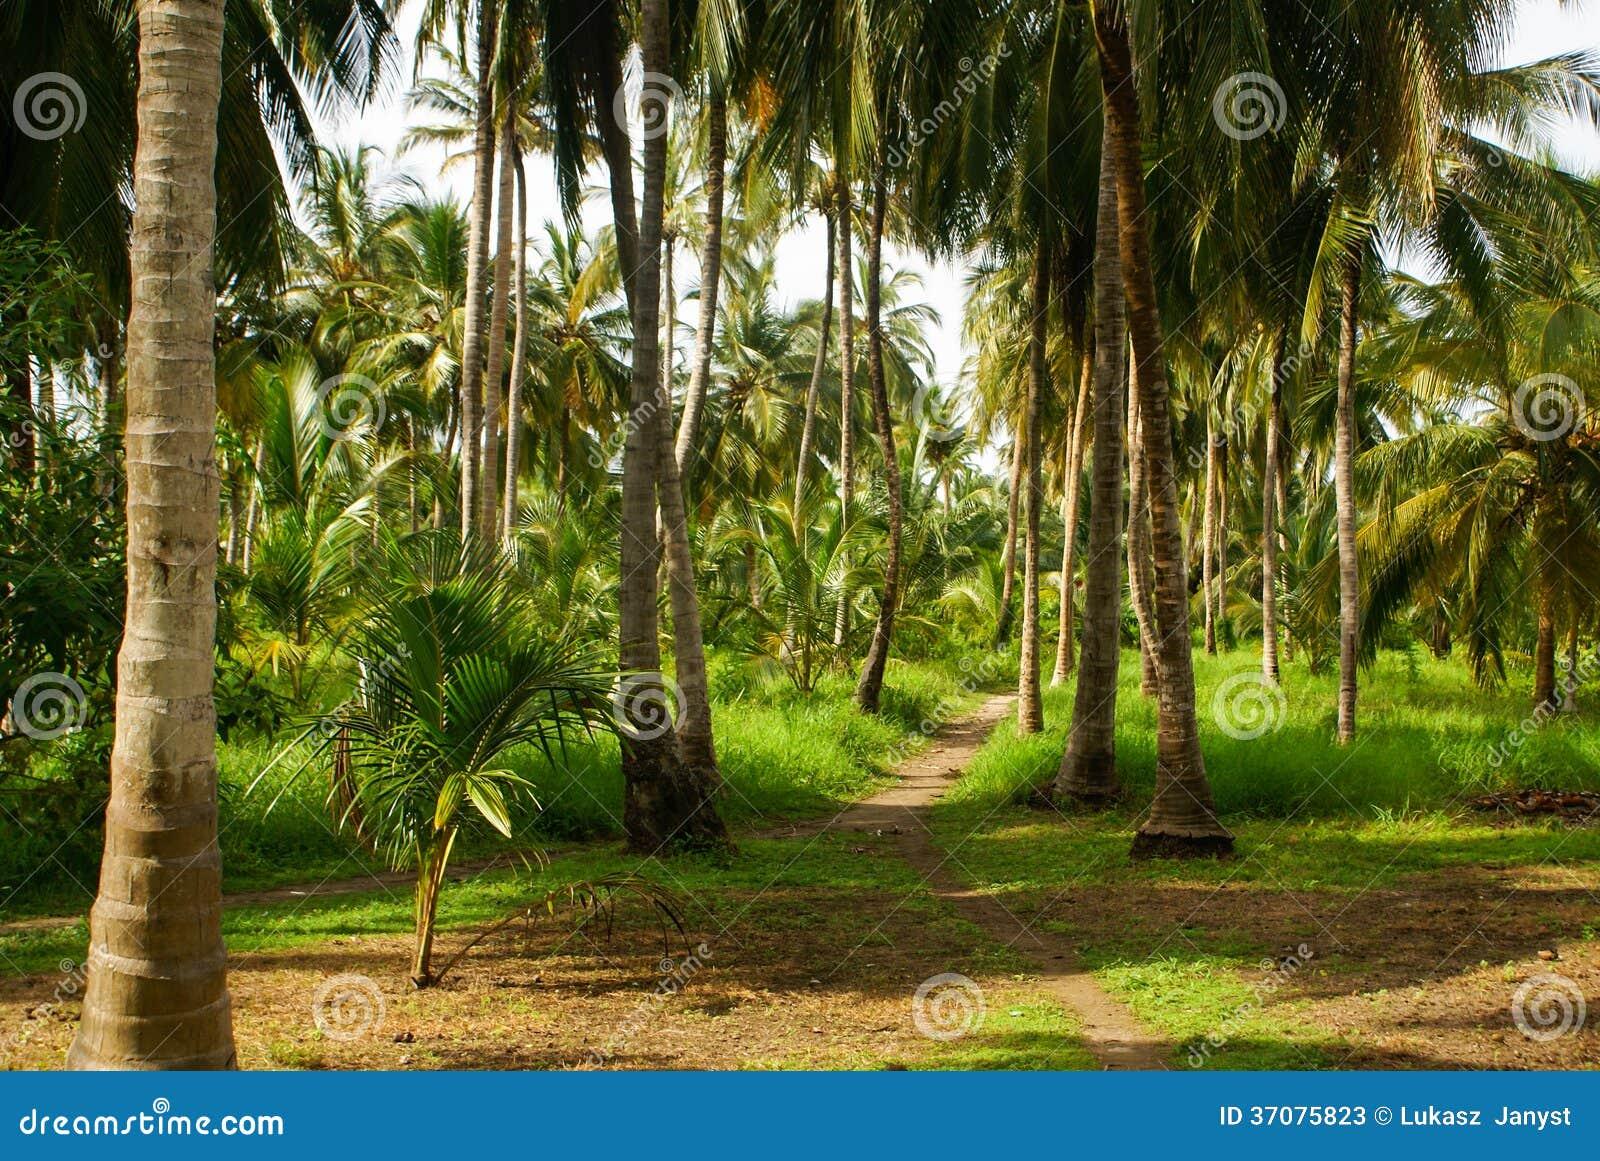 Download Zielony Palmowy Las W Kolumbijskiej Wyspie Mucura Obraz Stock - Obraz złożonej z natura, koks: 37075823